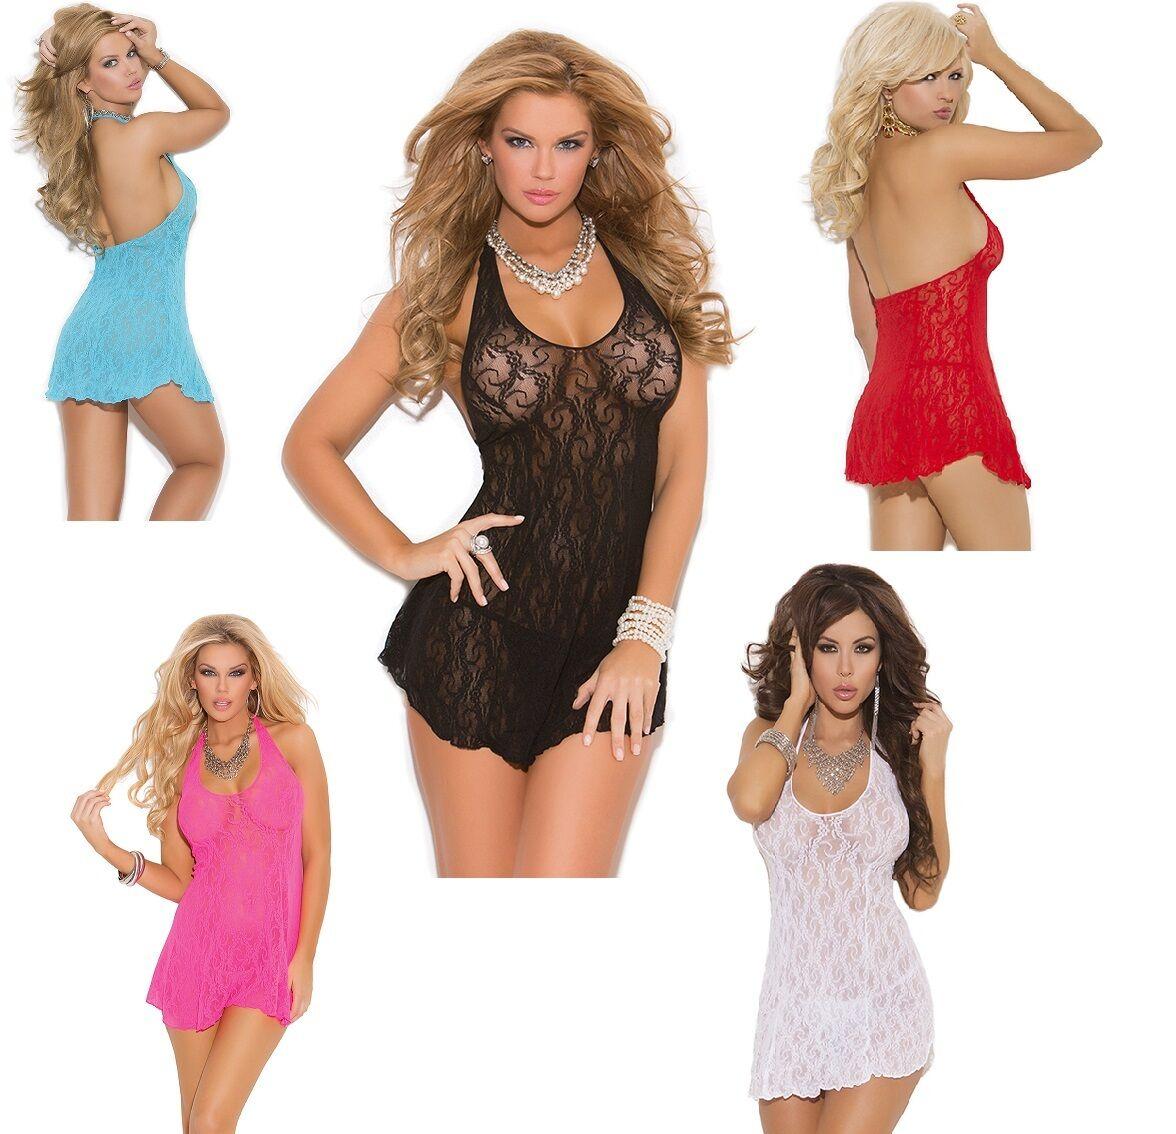 Red One /& Plus Size Black White Lace Halter Mini Dress 8-18 Elegant Moments